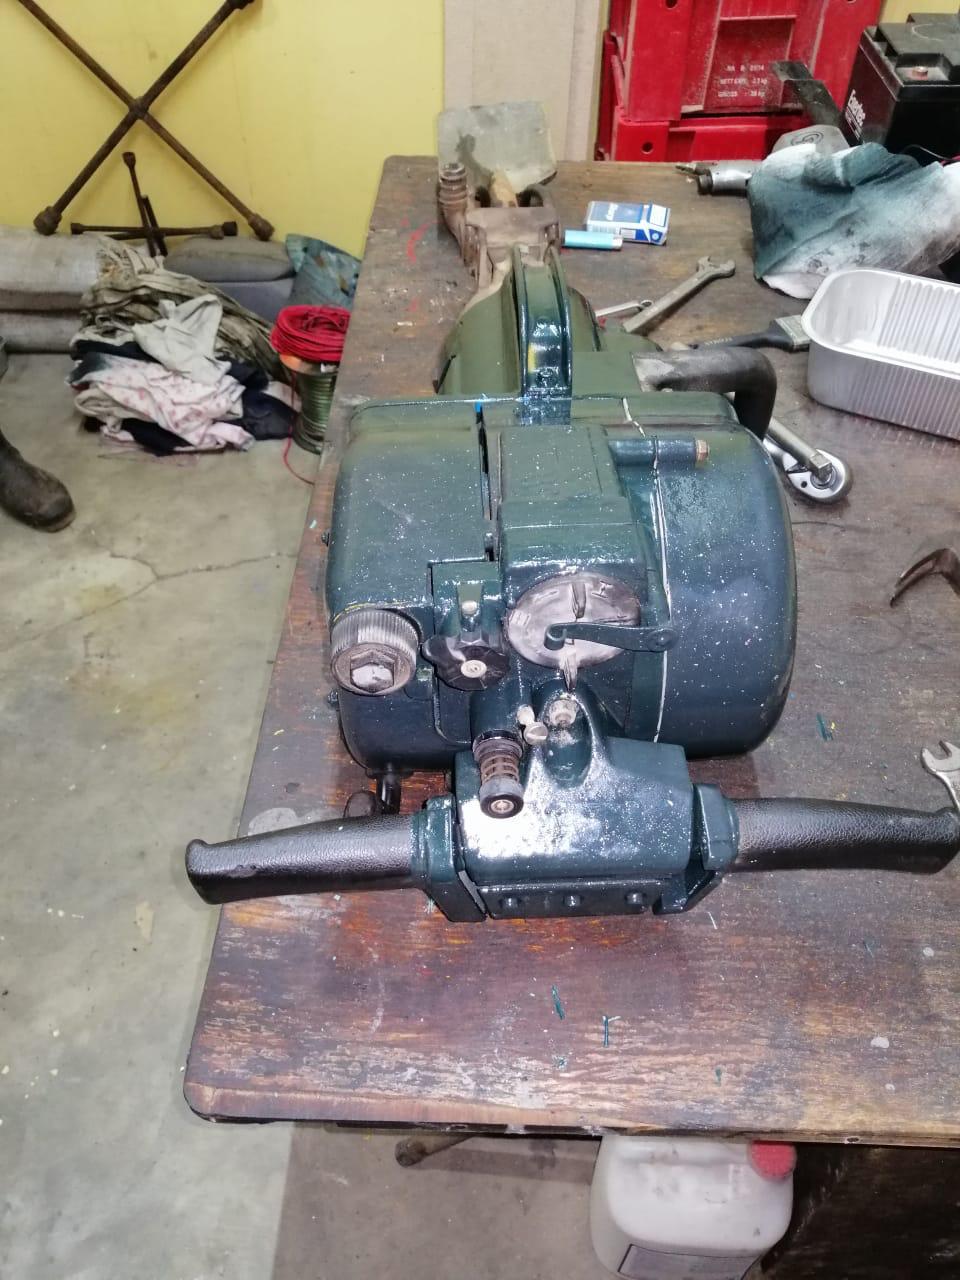 Industrial Grinder & Jackhammer